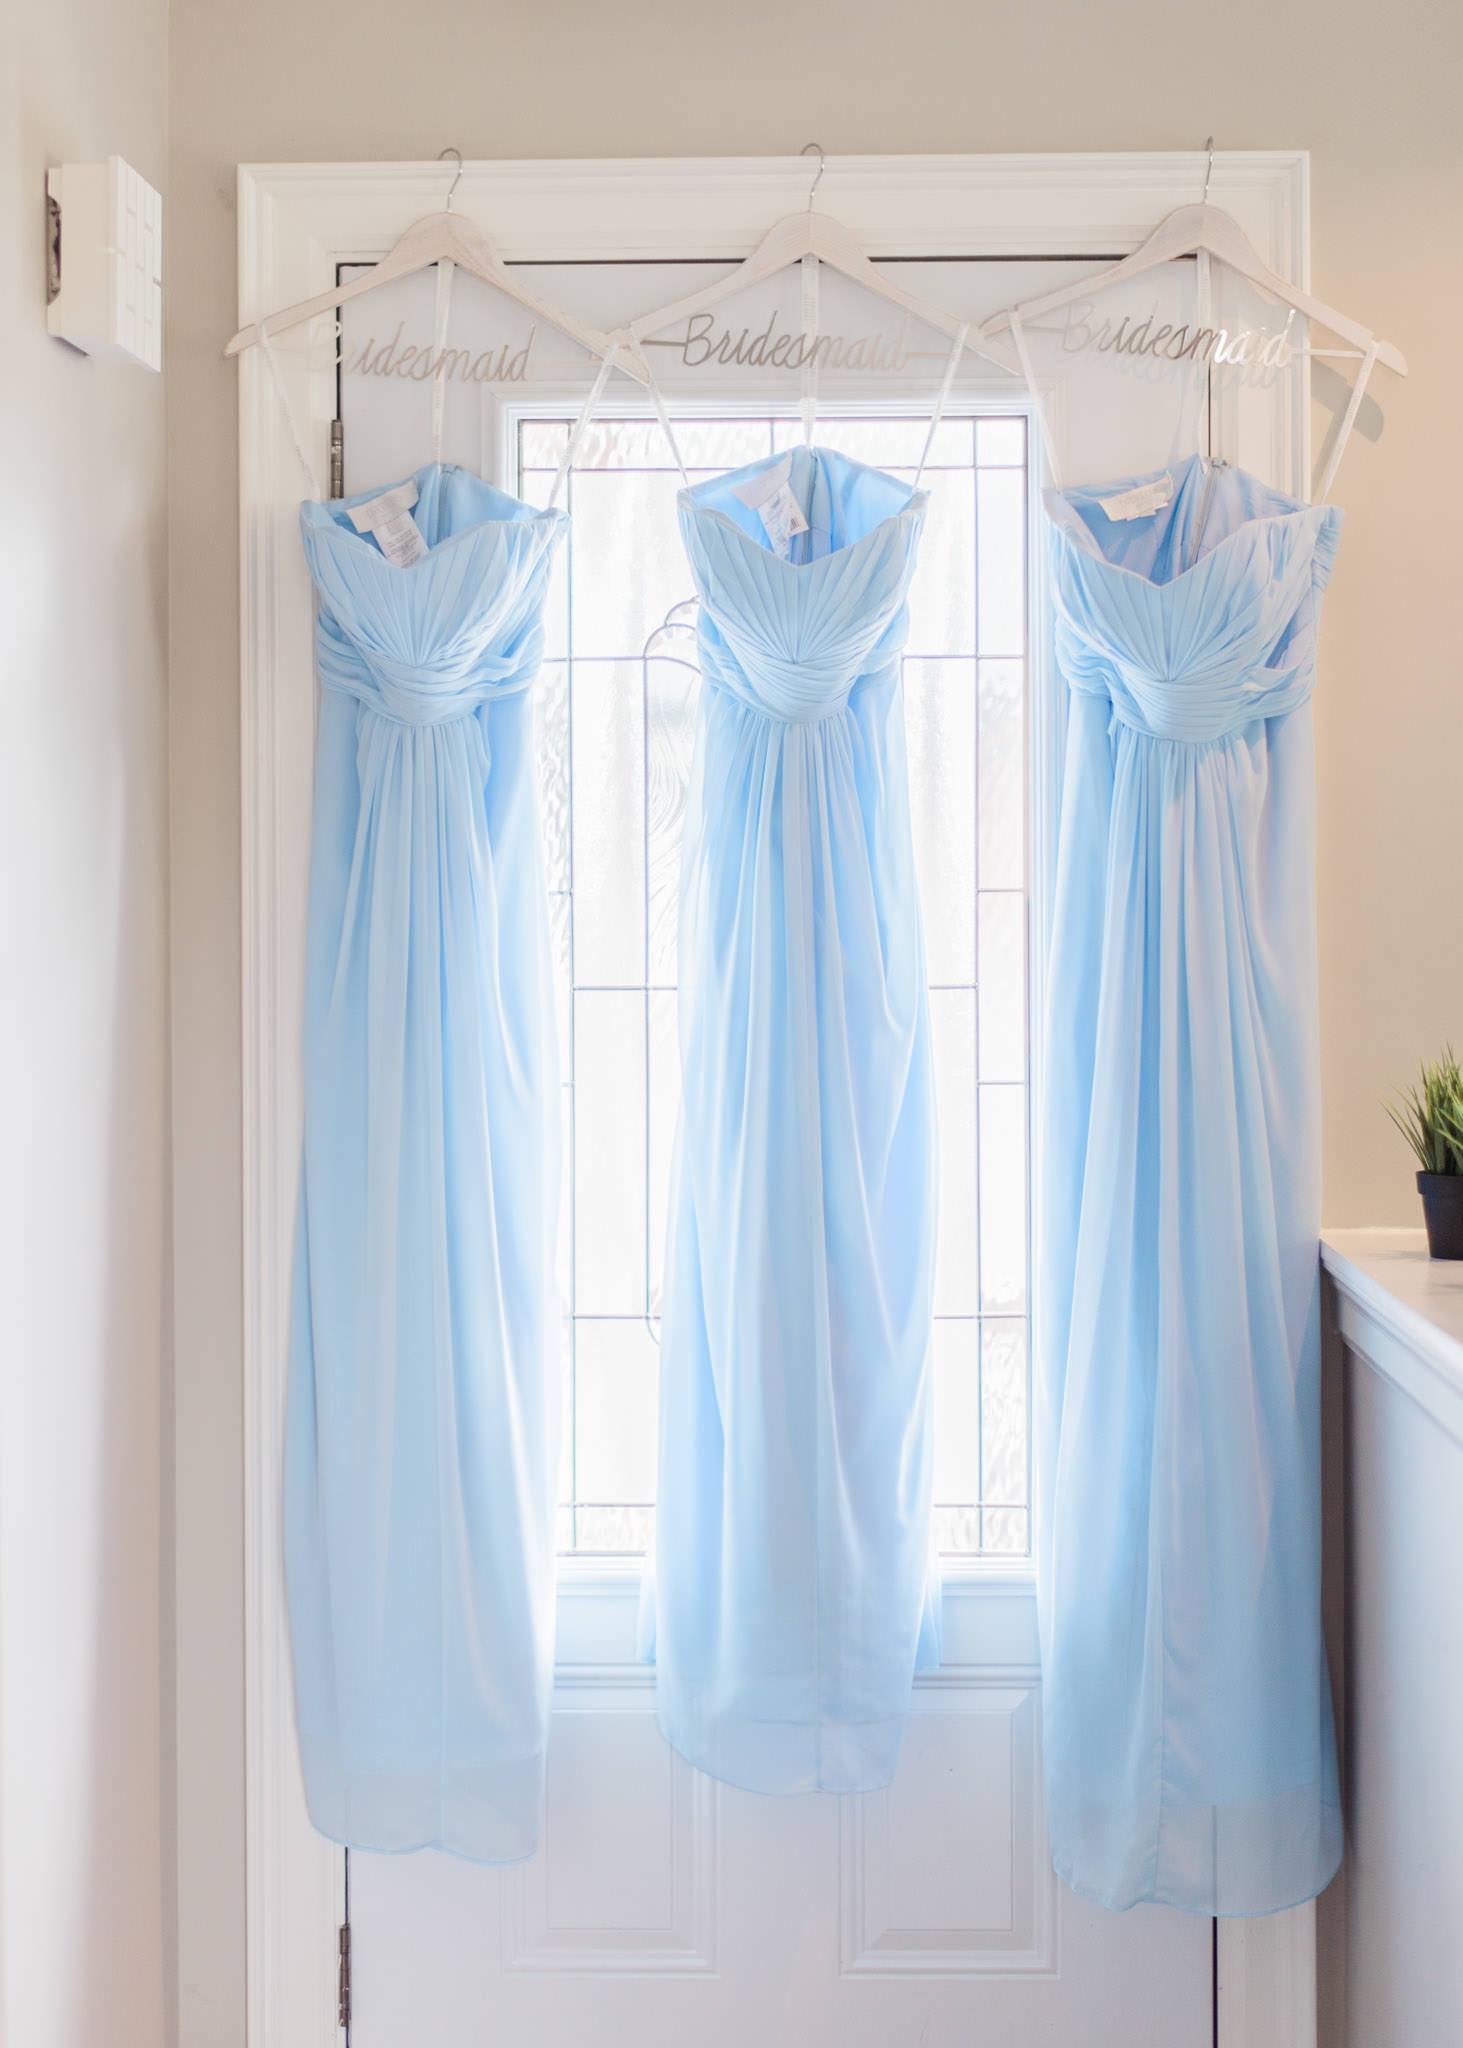 bridesmaids' dresses hanging on door